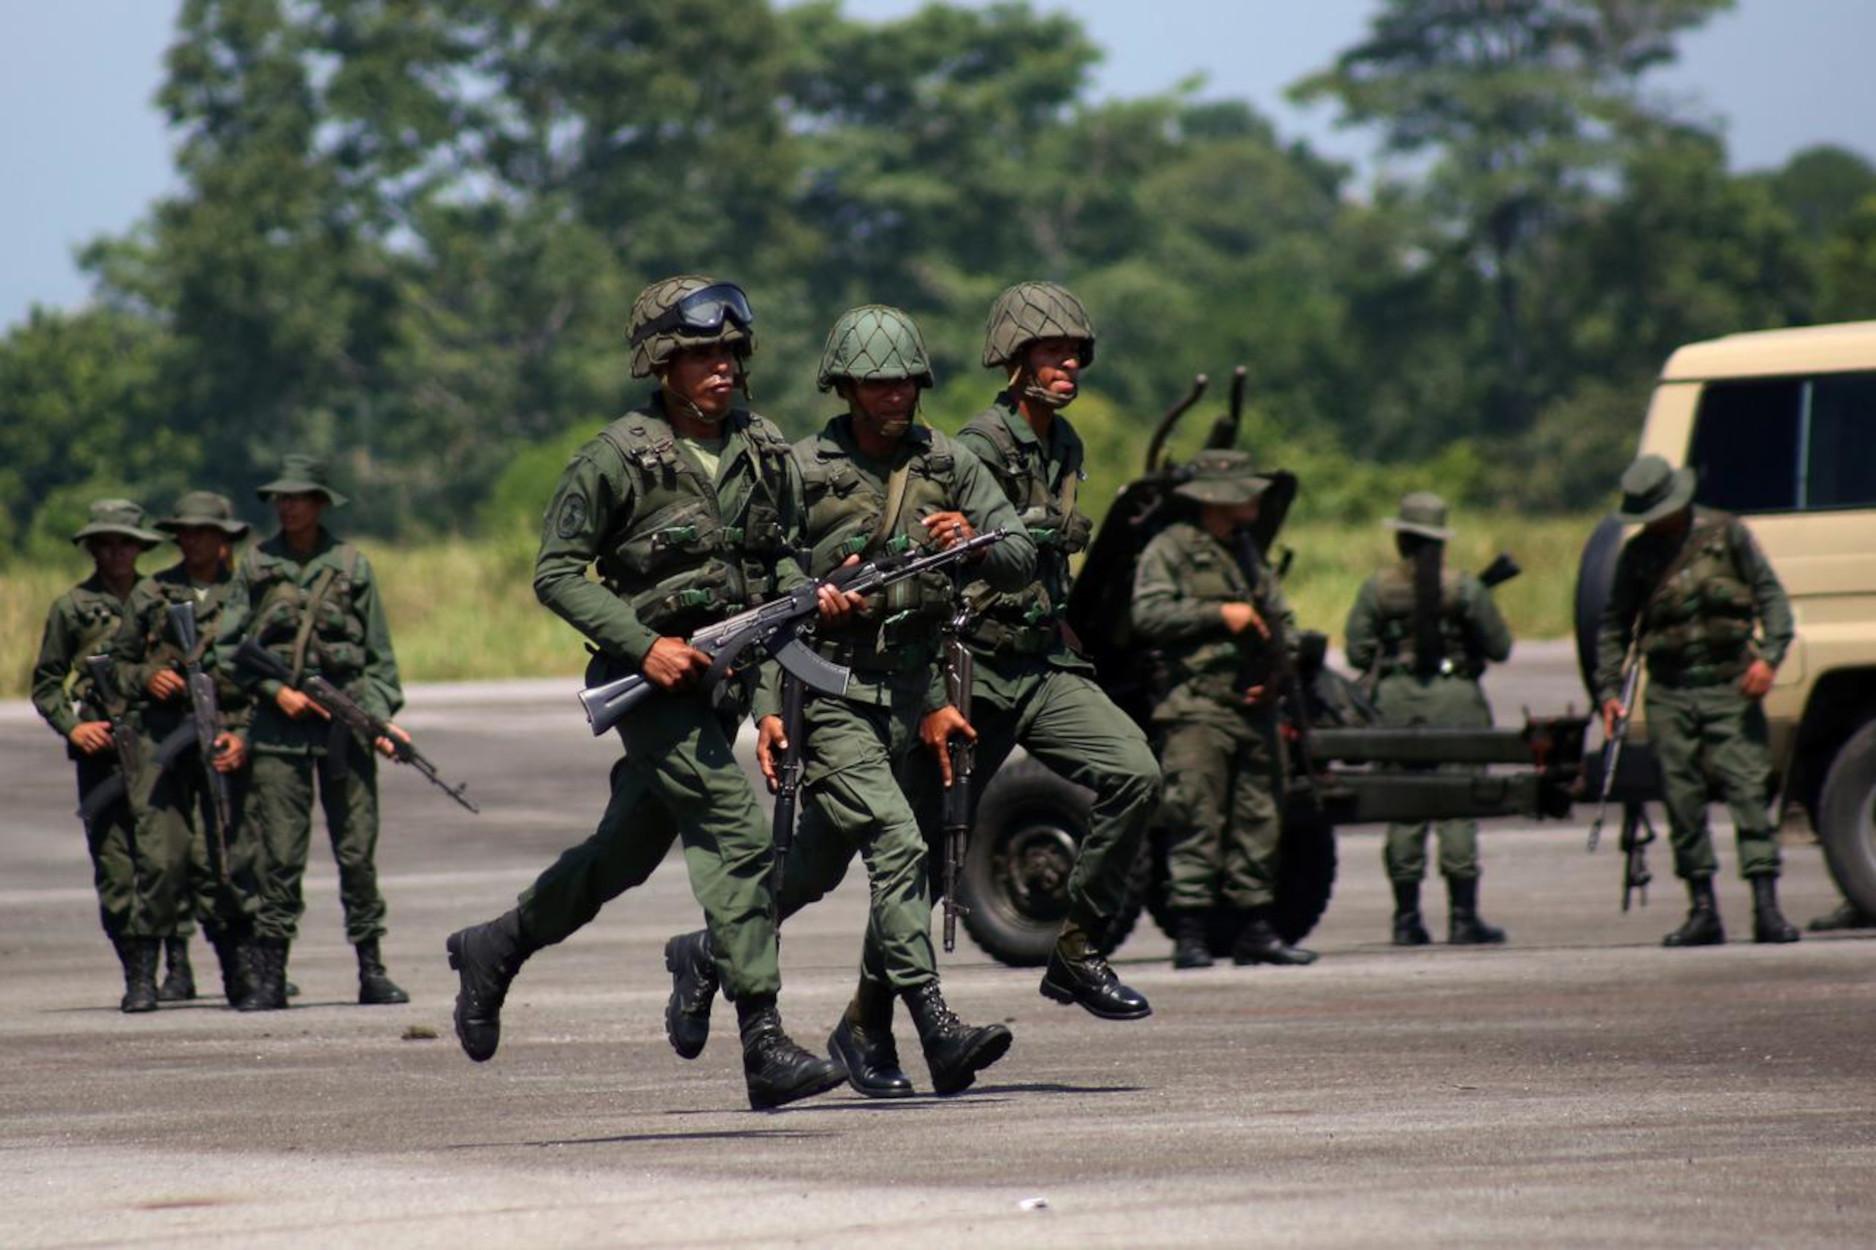 Βενεζουέλα: Σφοδρές μάχες του στρατού με ένοπλη οργάνωση της Κολομβίας